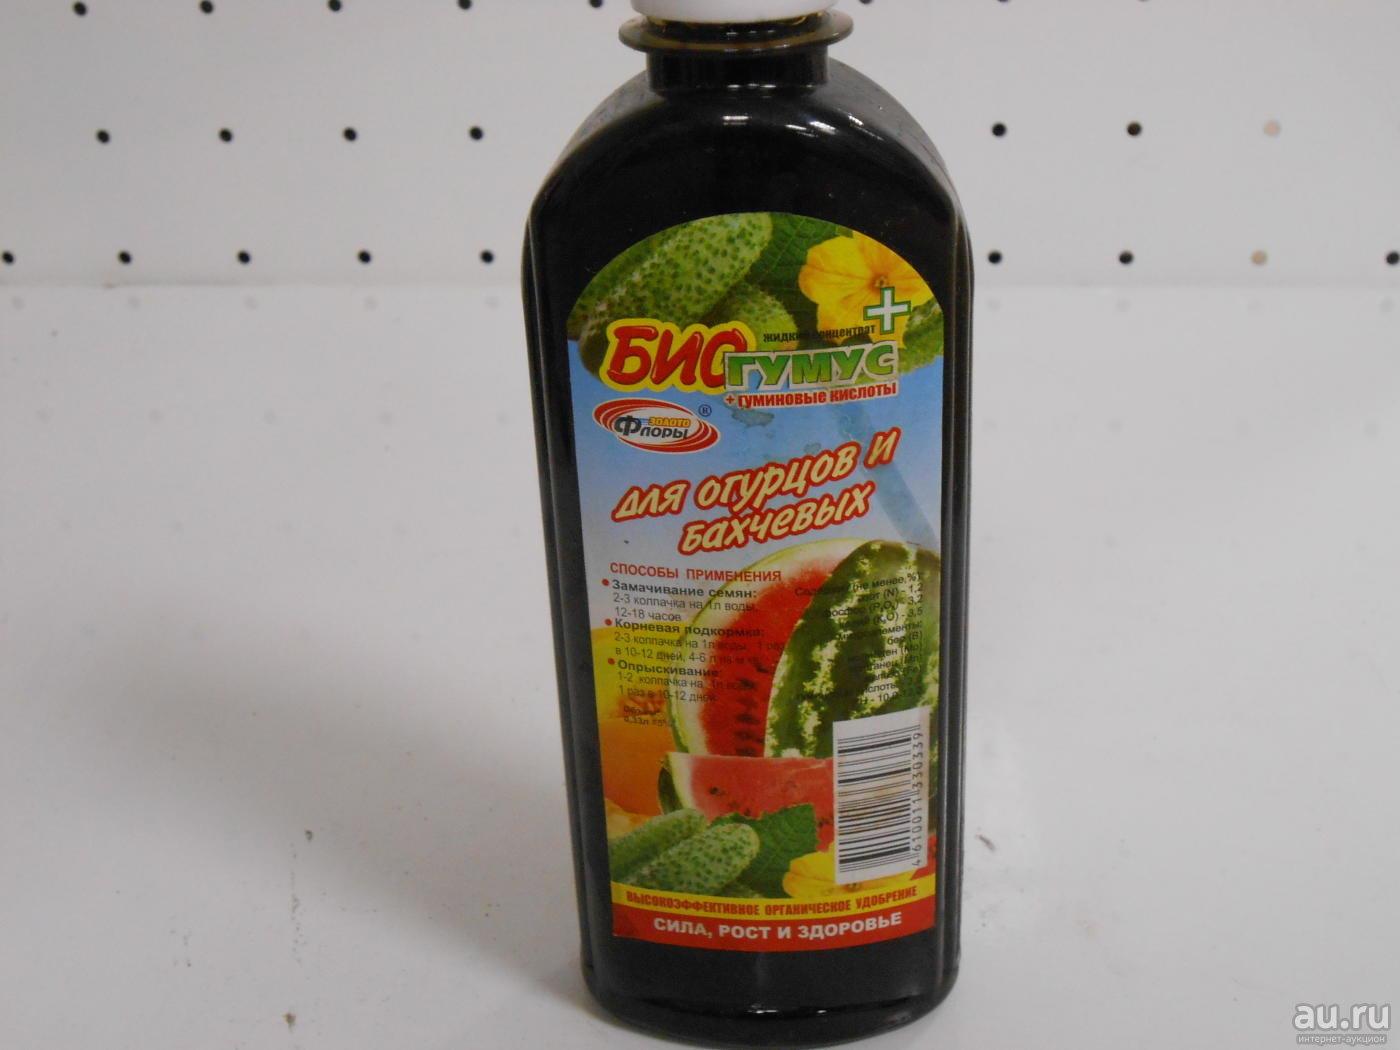 Как использовать биогумус - инструкция применения для растений